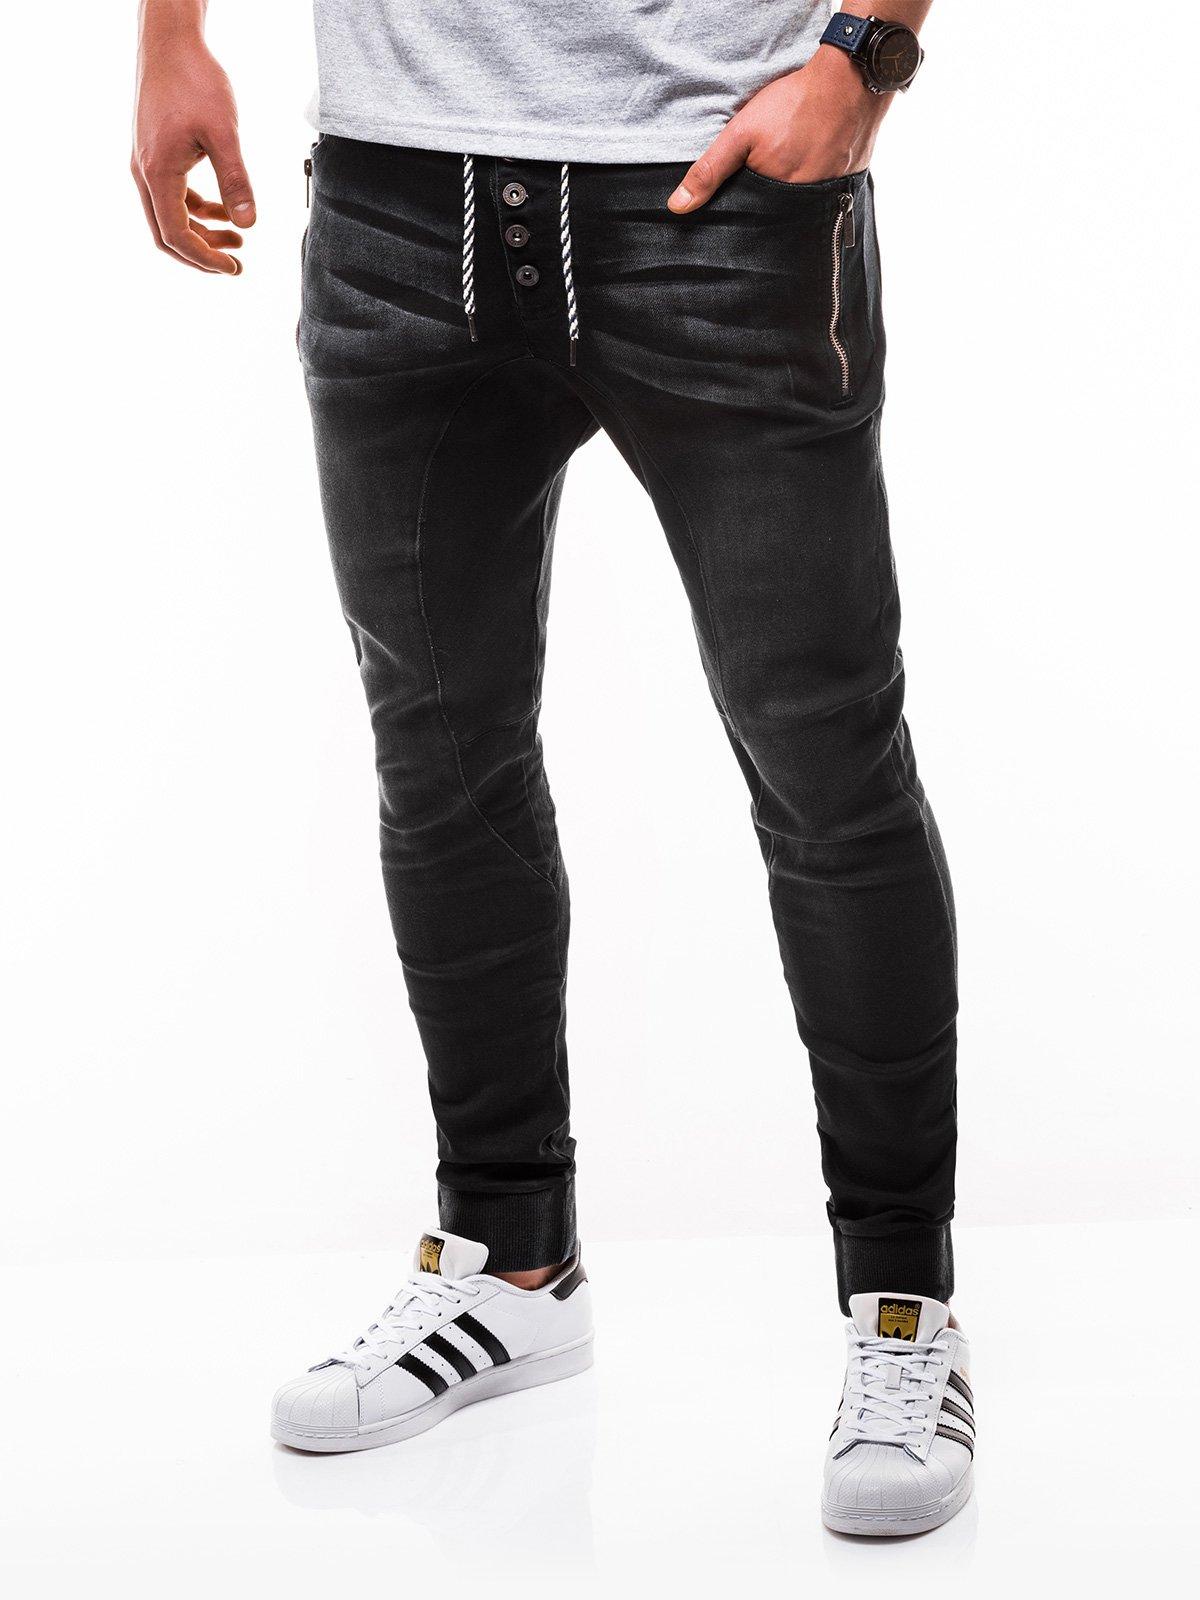 6f6b657c8a2d57 Spodnie męskie jeansowe joggery P198 - czarne - Sklep Ombre